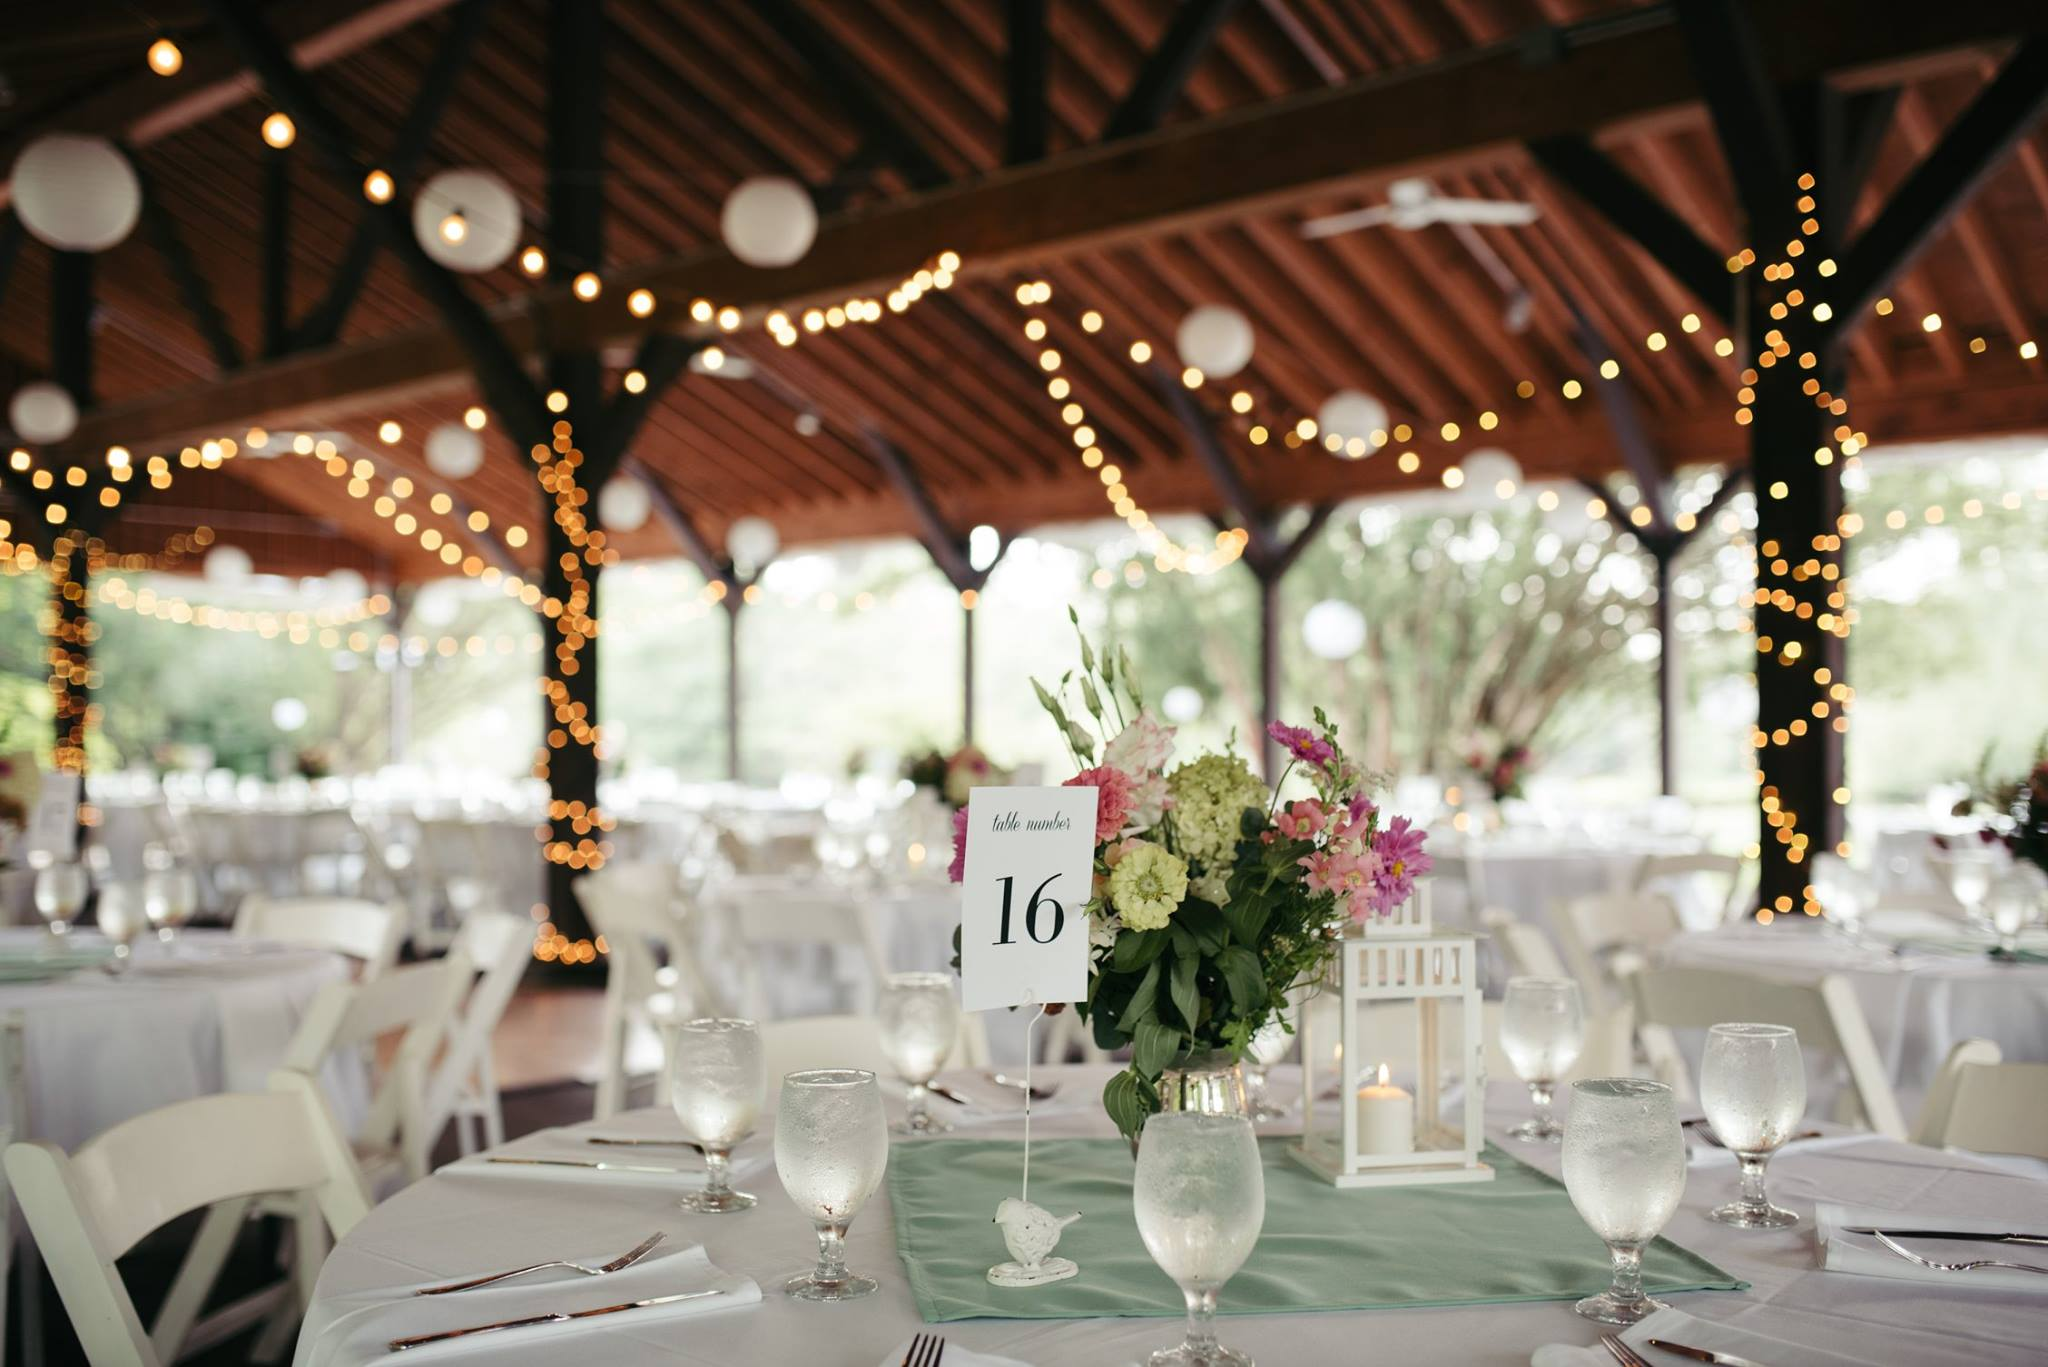 Alyssa & Ben's Wedding